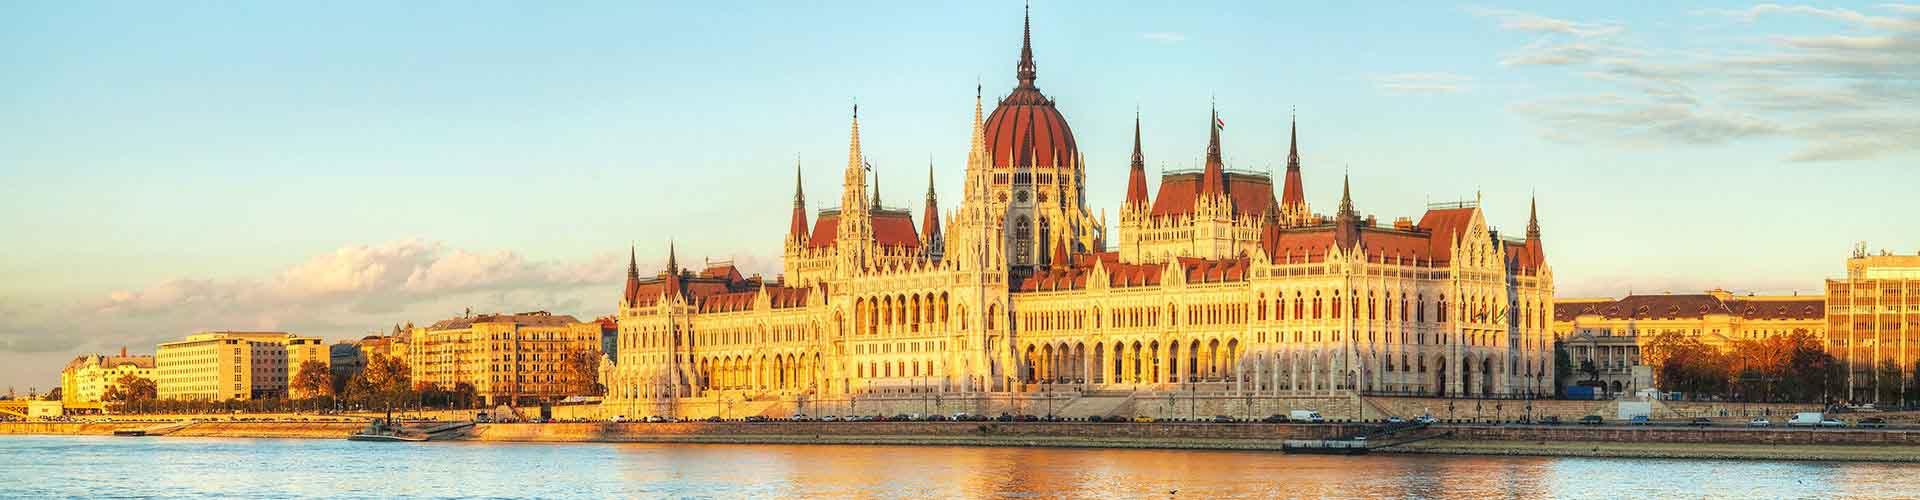 Budapeszt - Hostele w mieście: Budapeszt, Mapy: Budapeszt, Zdjęcia i Recenzje dla każdego hostelu w mieście Budapeszt.